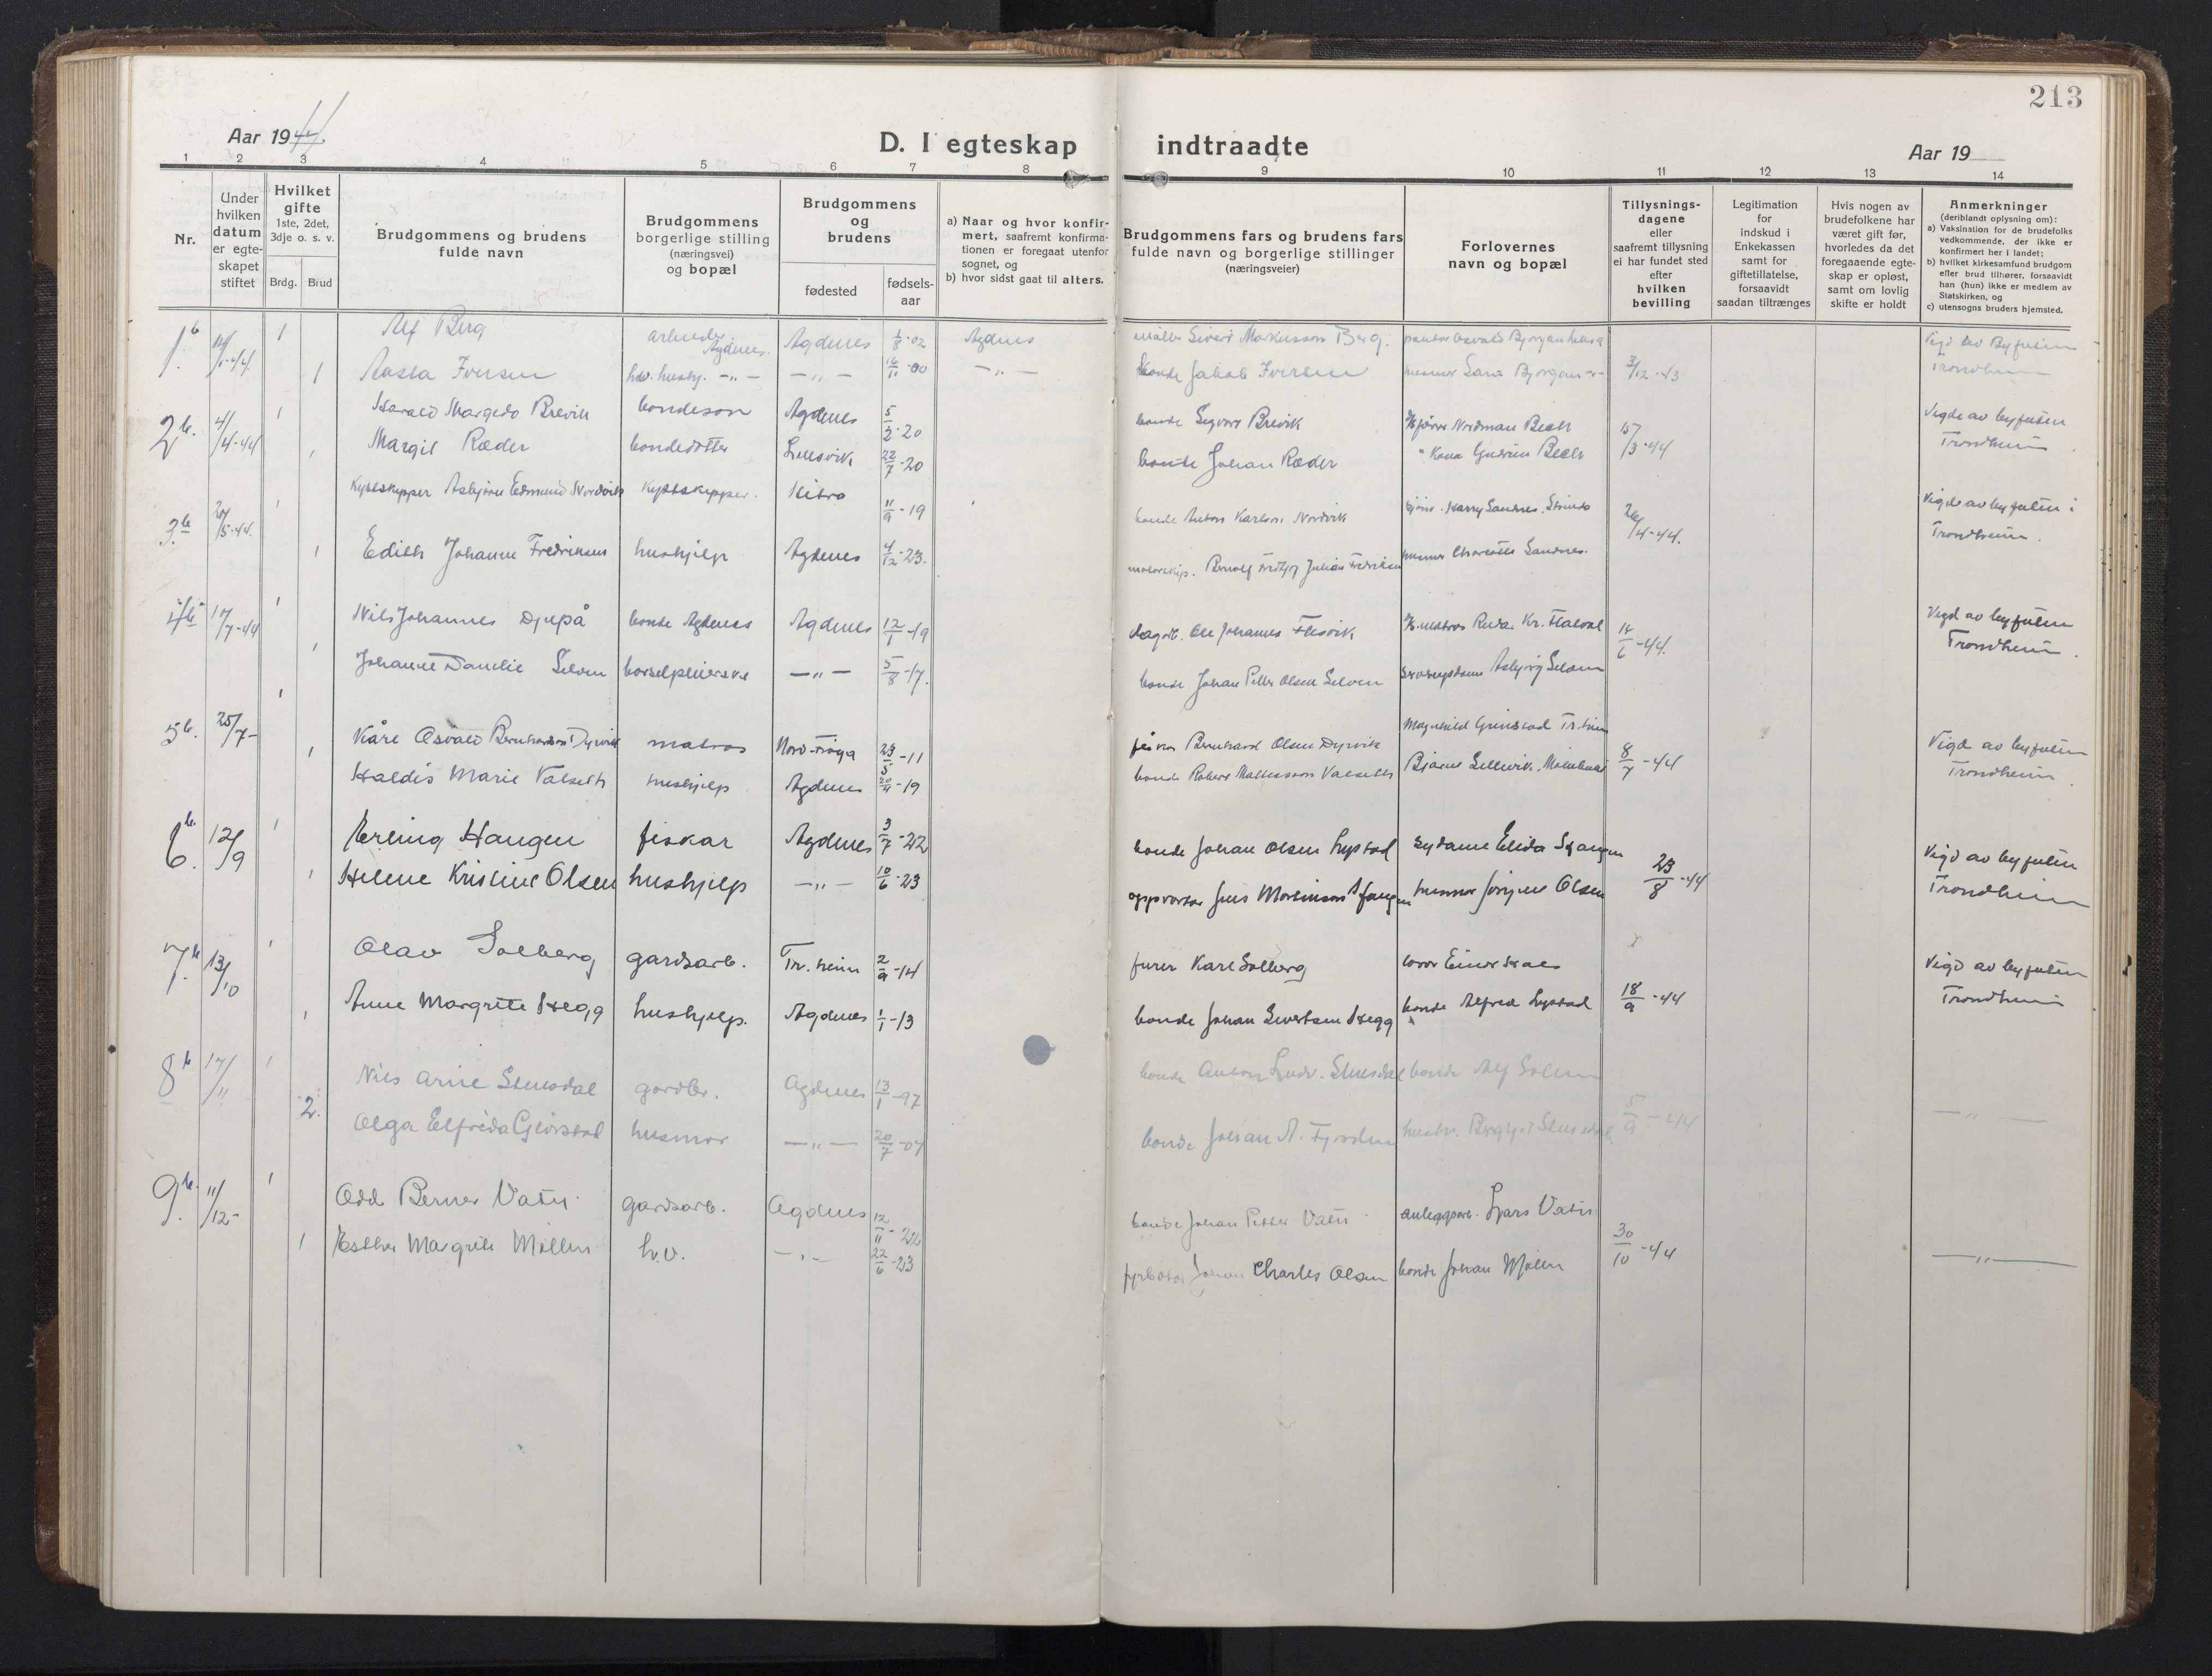 SAT, Ministerialprotokoller, klokkerbøker og fødselsregistre - Sør-Trøndelag, 662/L0758: Klokkerbok nr. 662C03, 1918-1948, s. 213